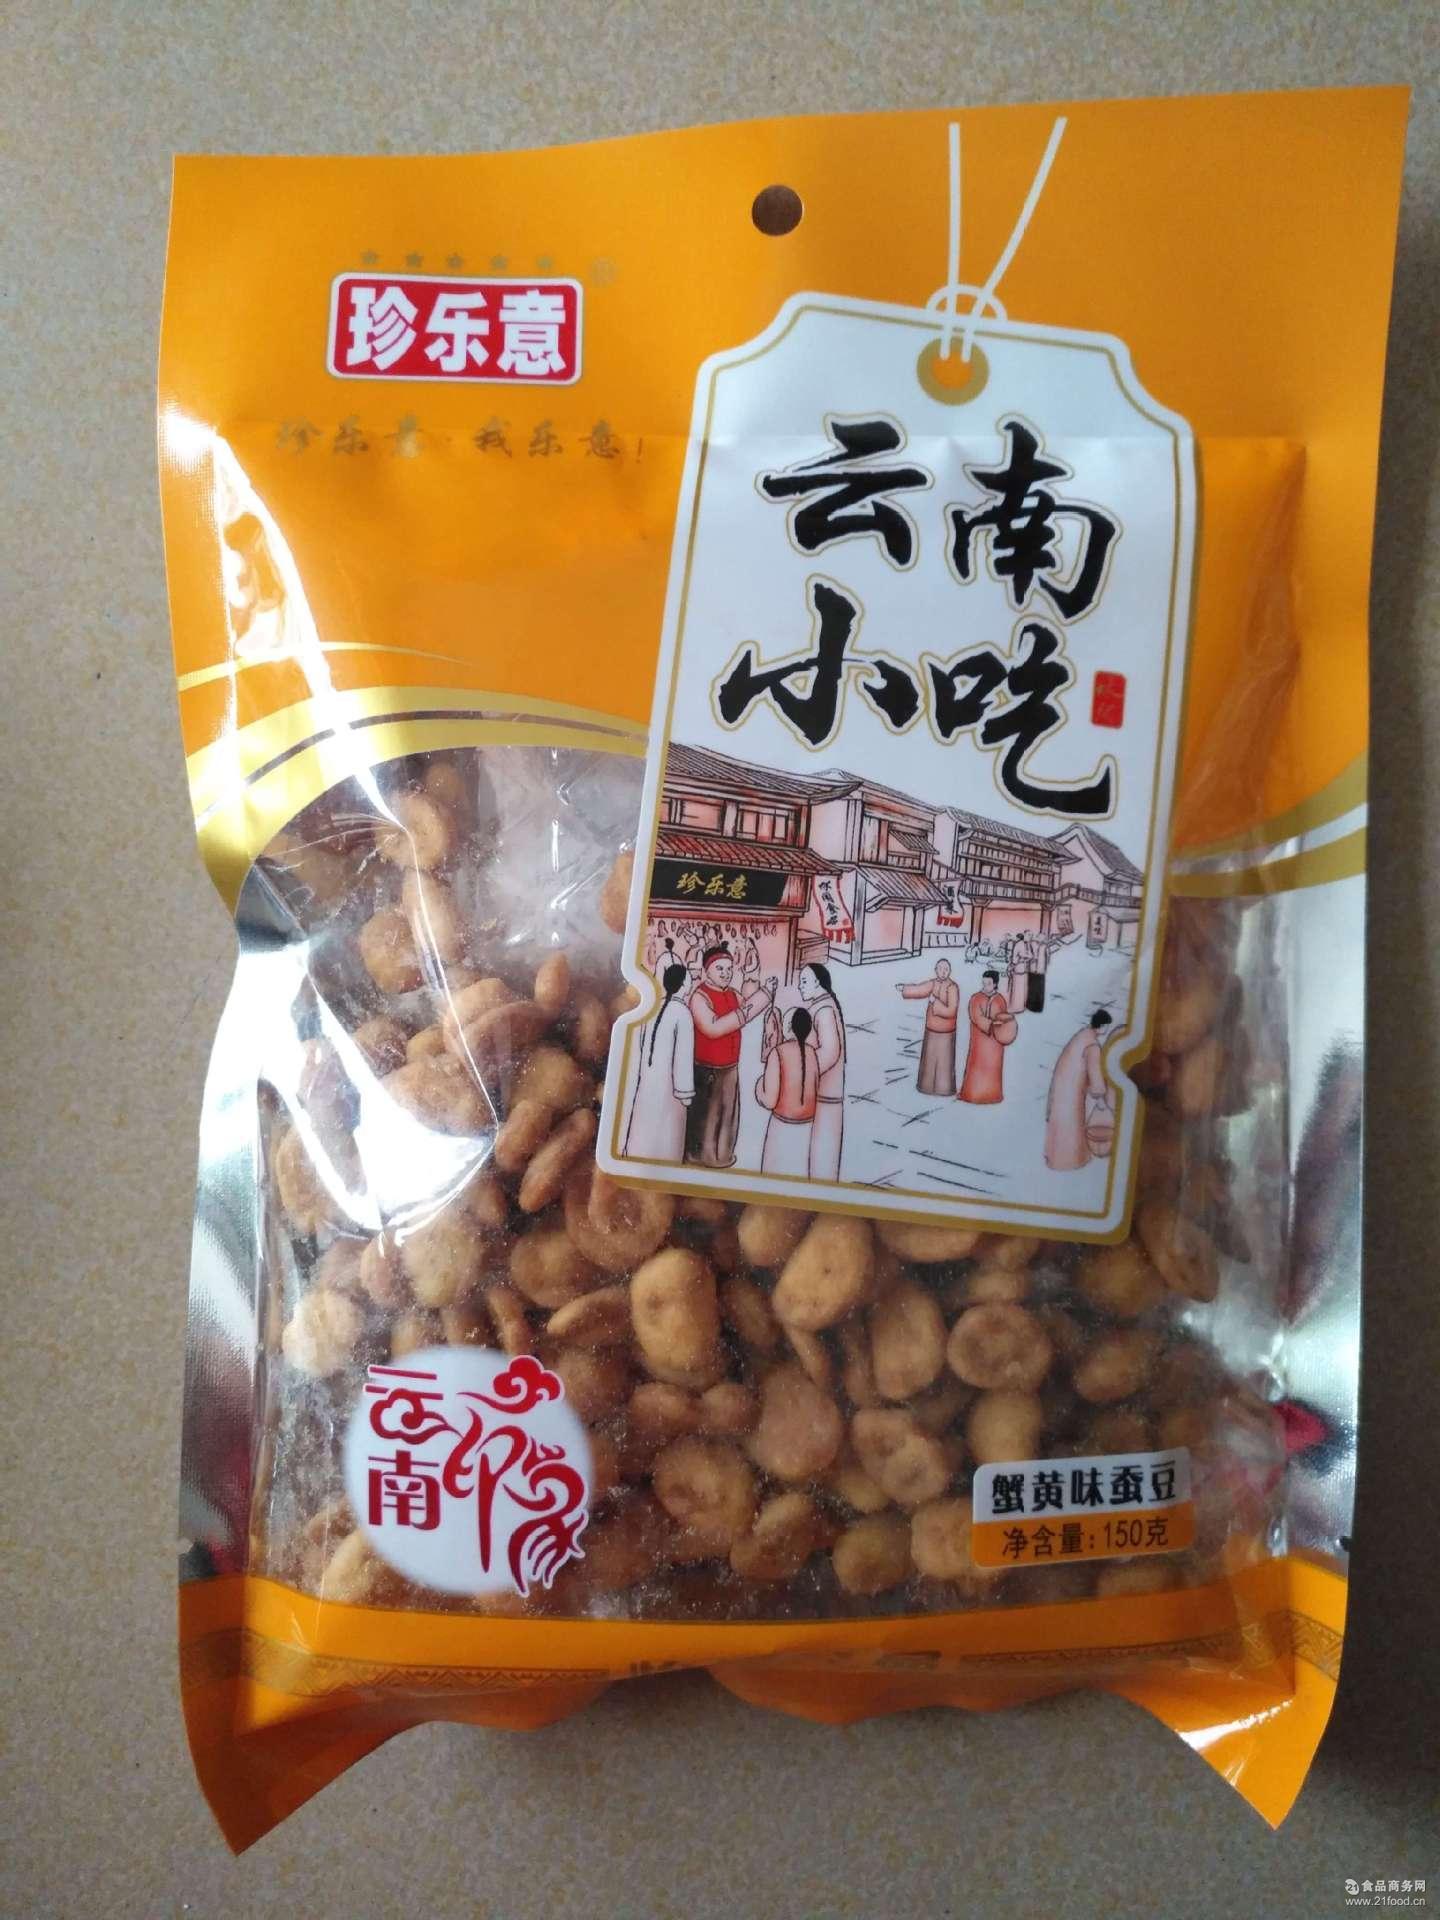 150g昆明珍乐意蟹黄味蚕豆炒货小零食休闲食品小吃酥脆蚕豆